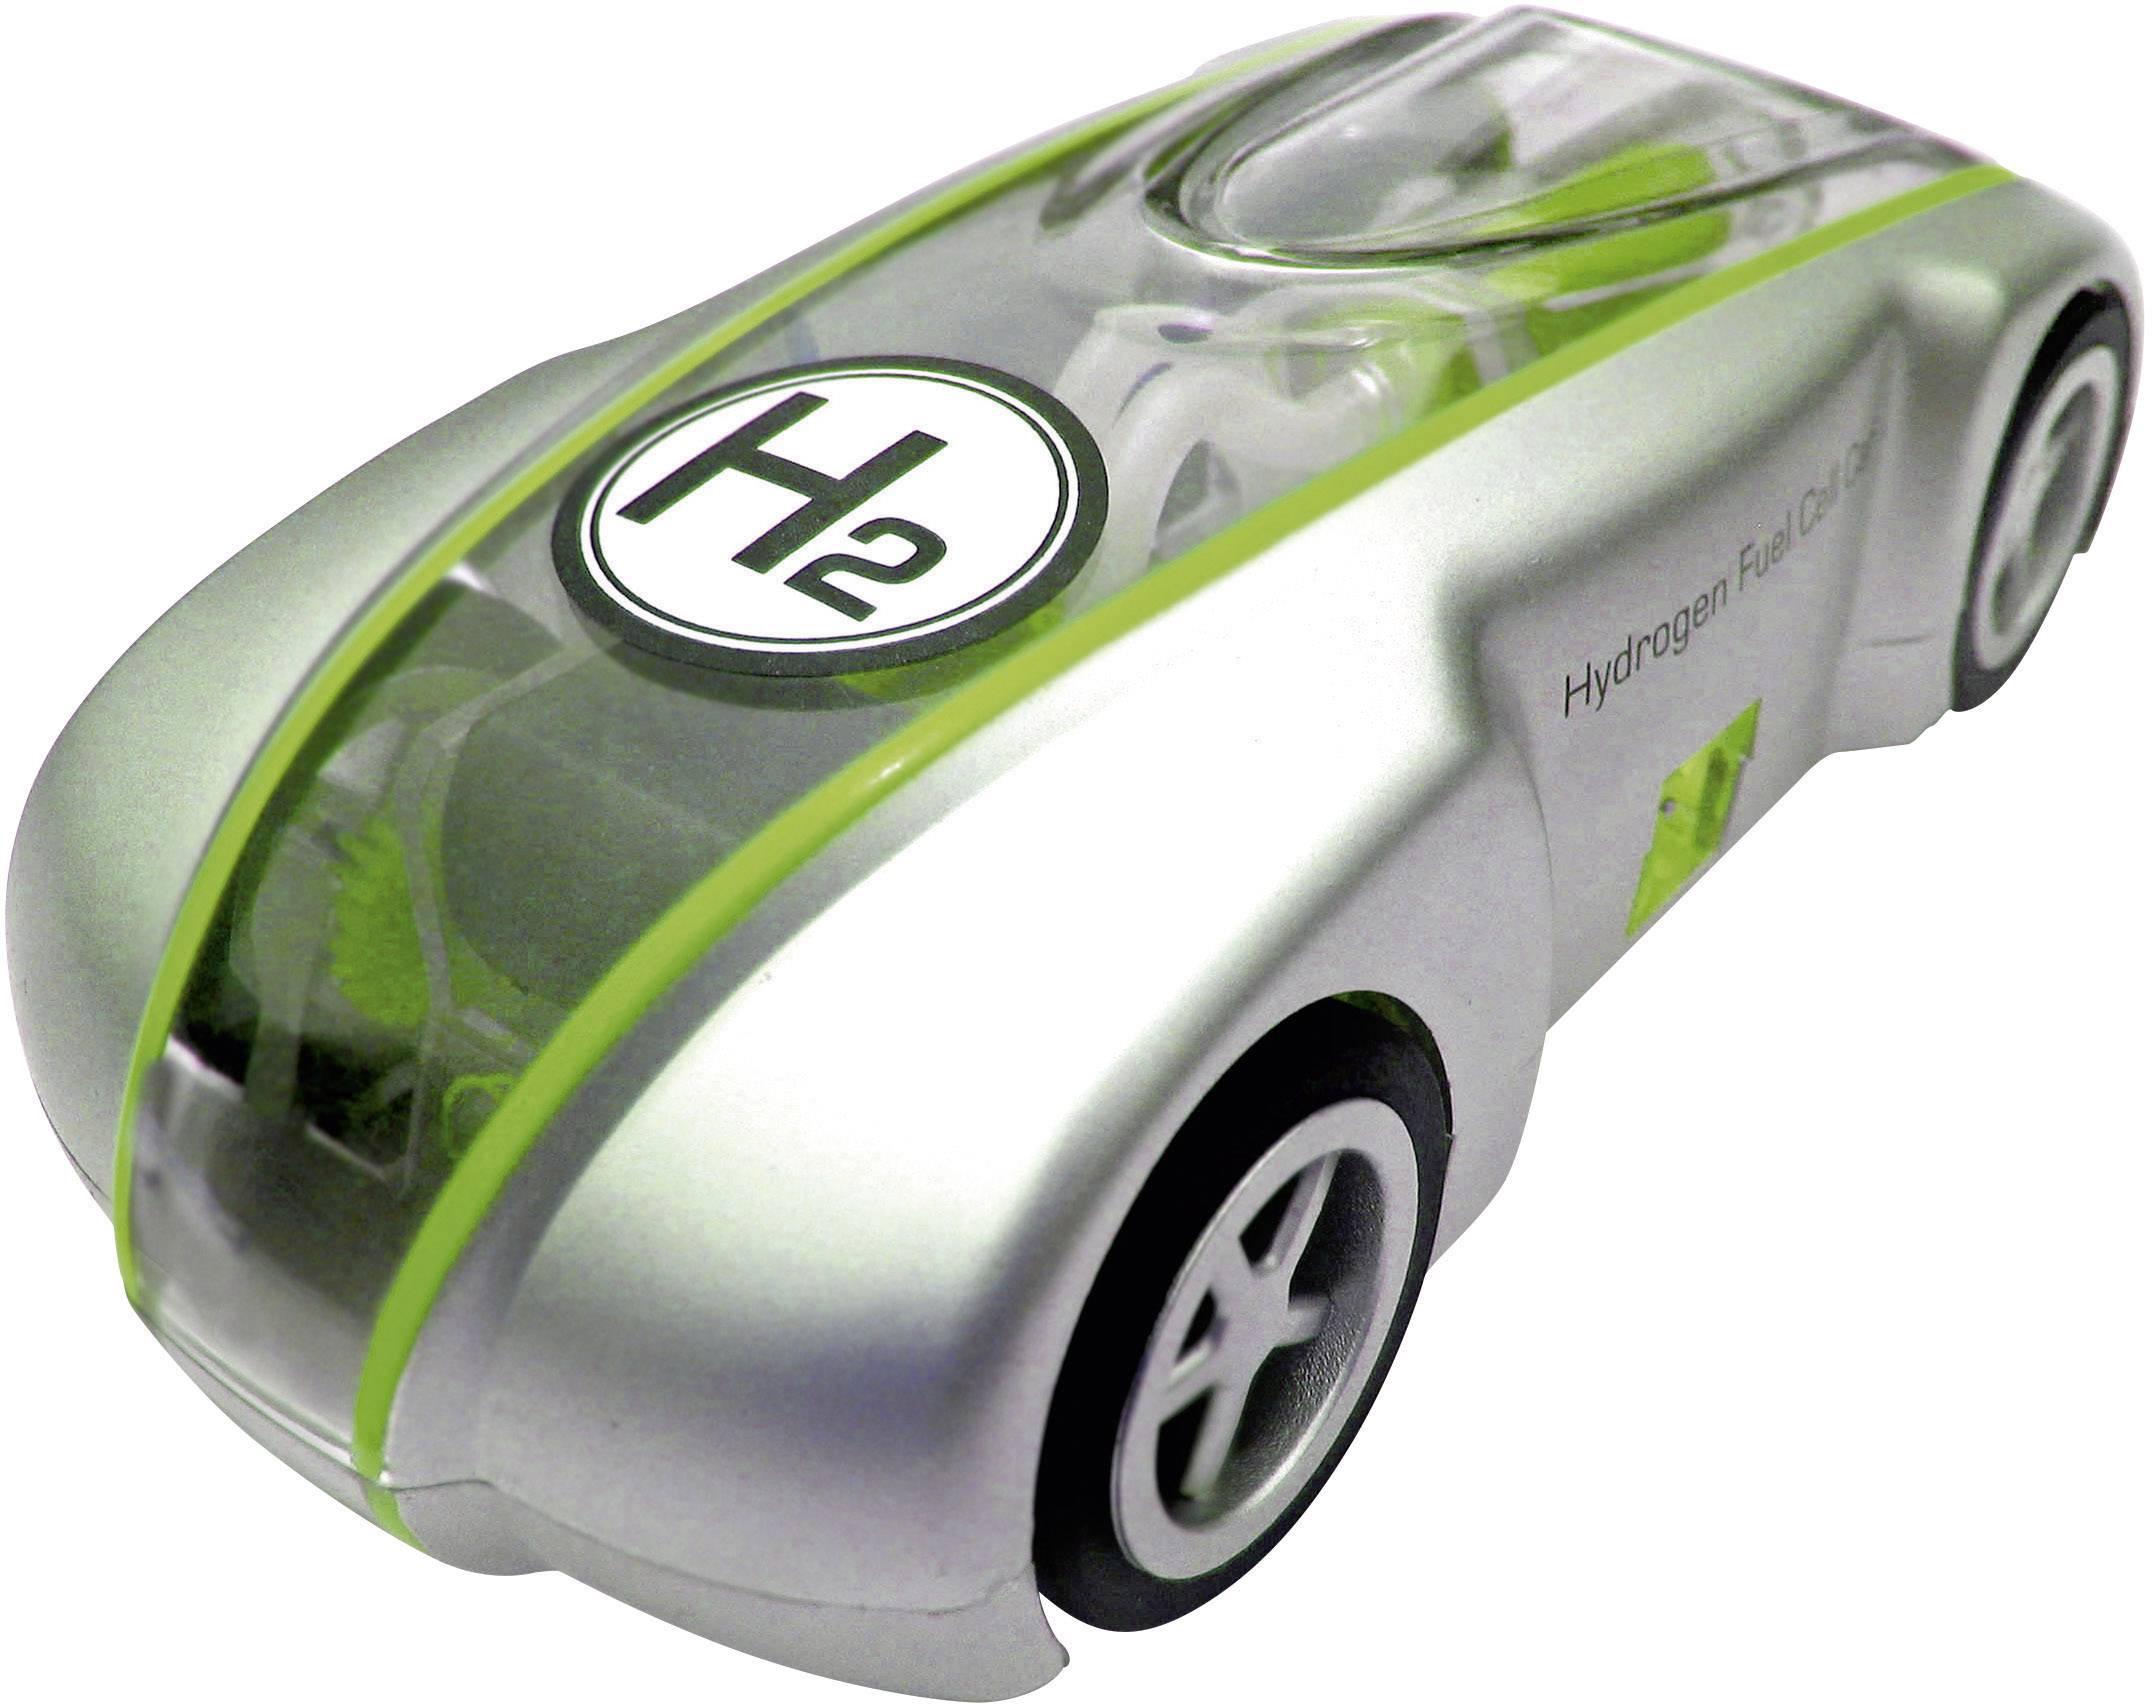 H 0 Racer Voiture Énergie Solaire À Horizon 2 P0k8wOnX